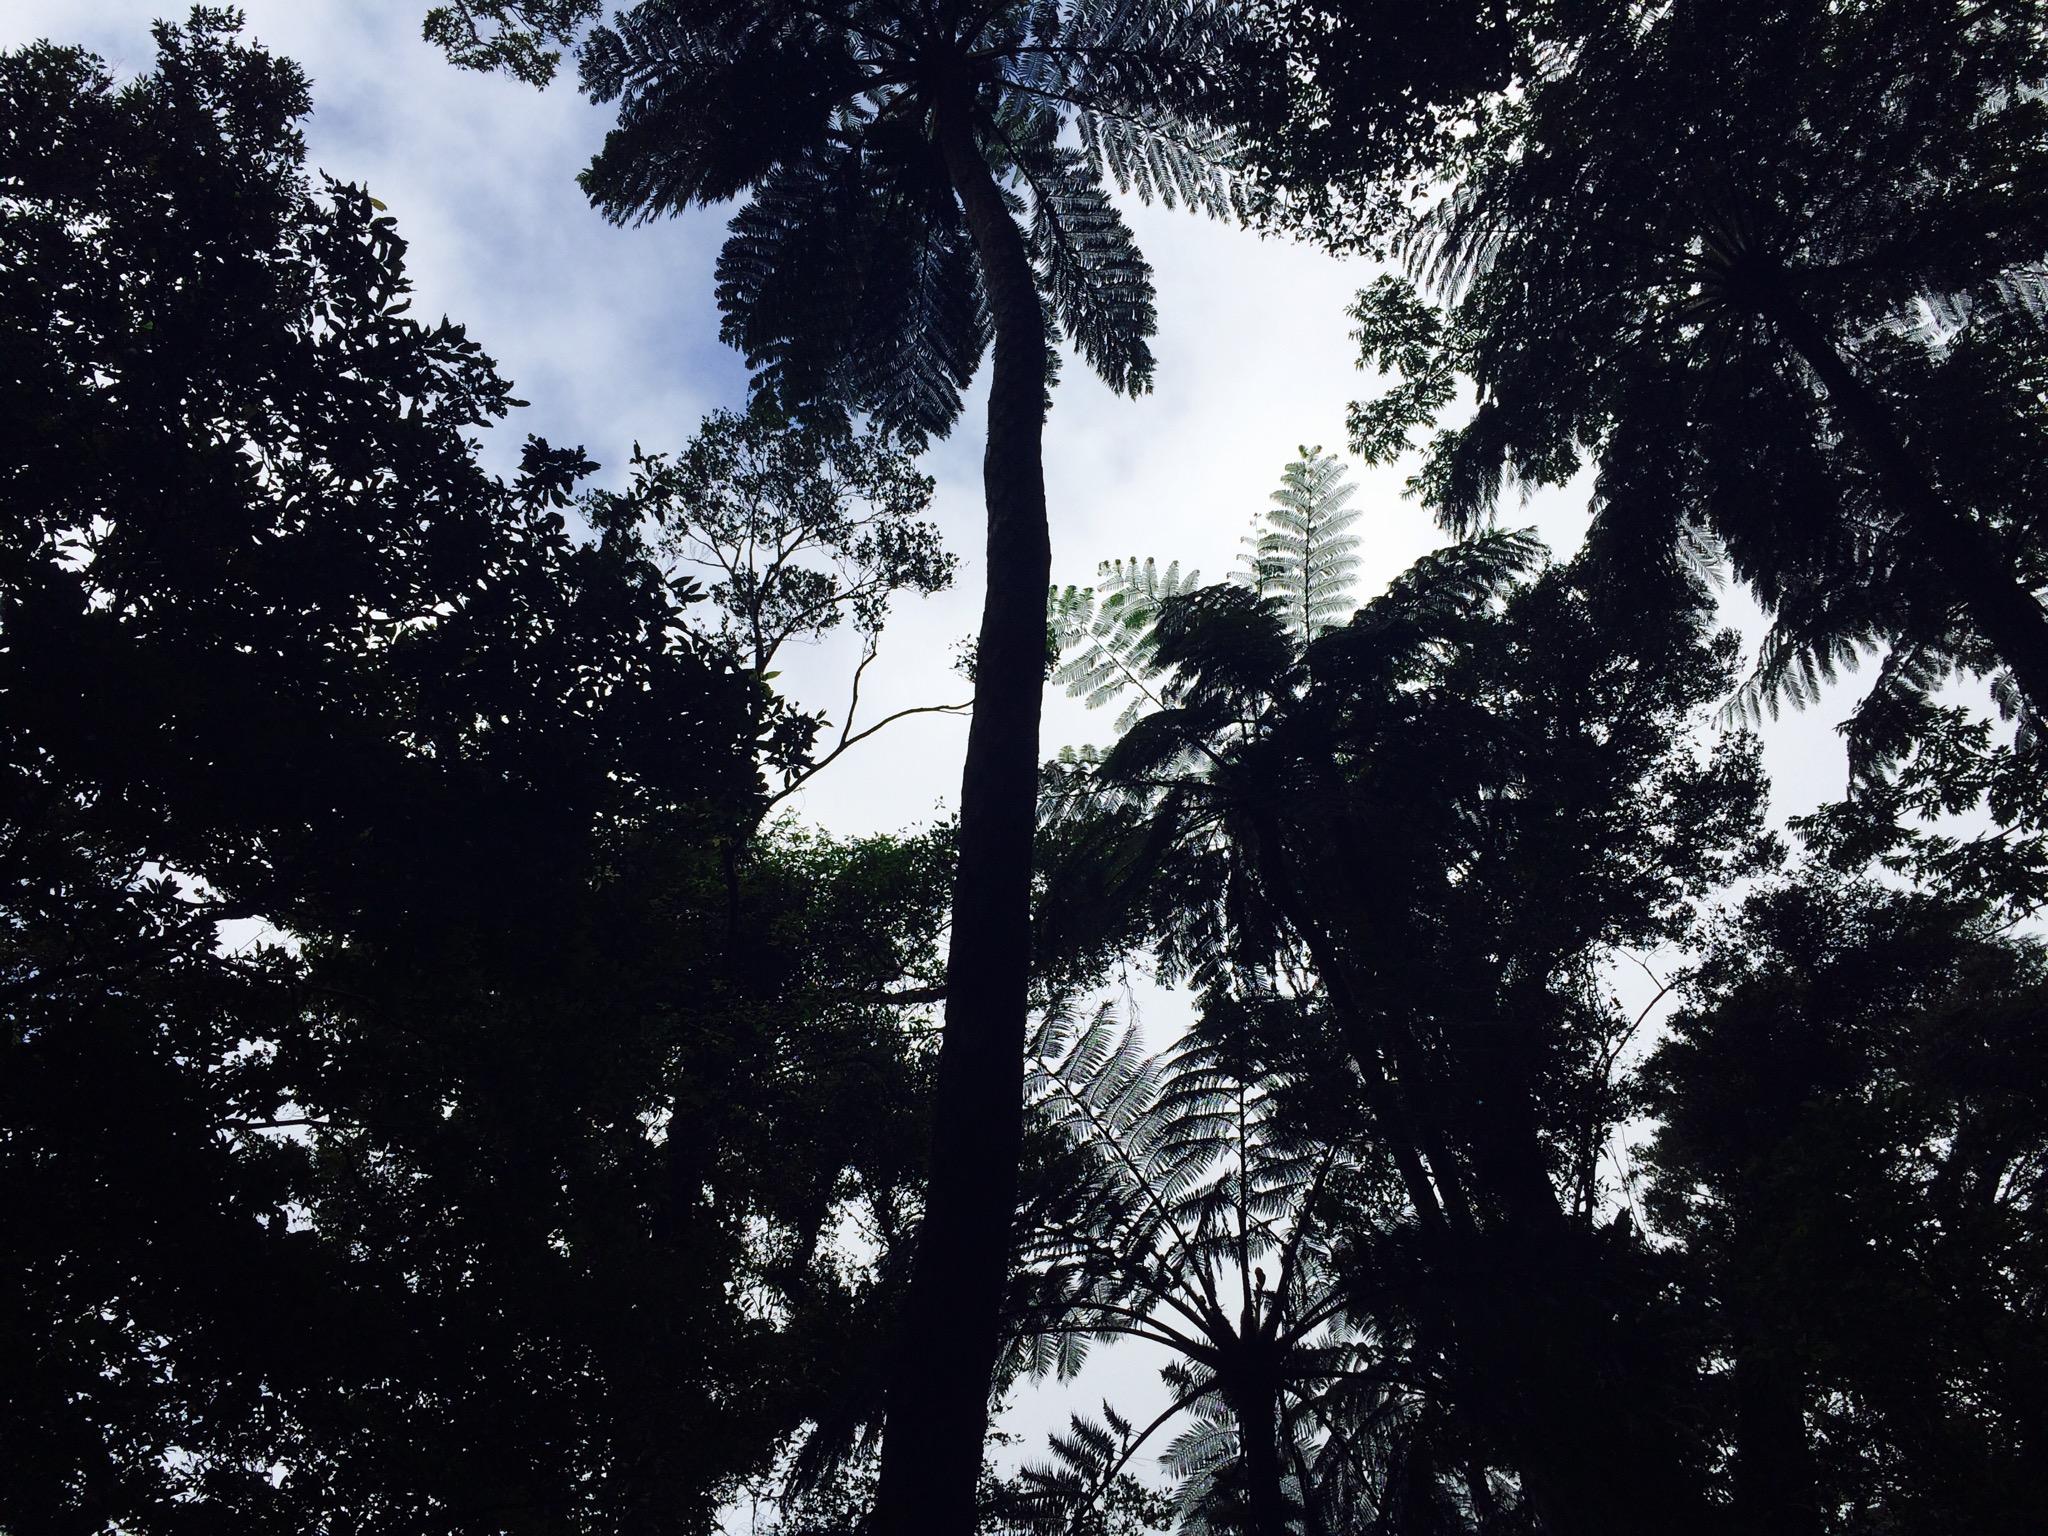 金作原原生林のトレッキング中、ものすごく育ったシダ植物。奄美の自然すごい